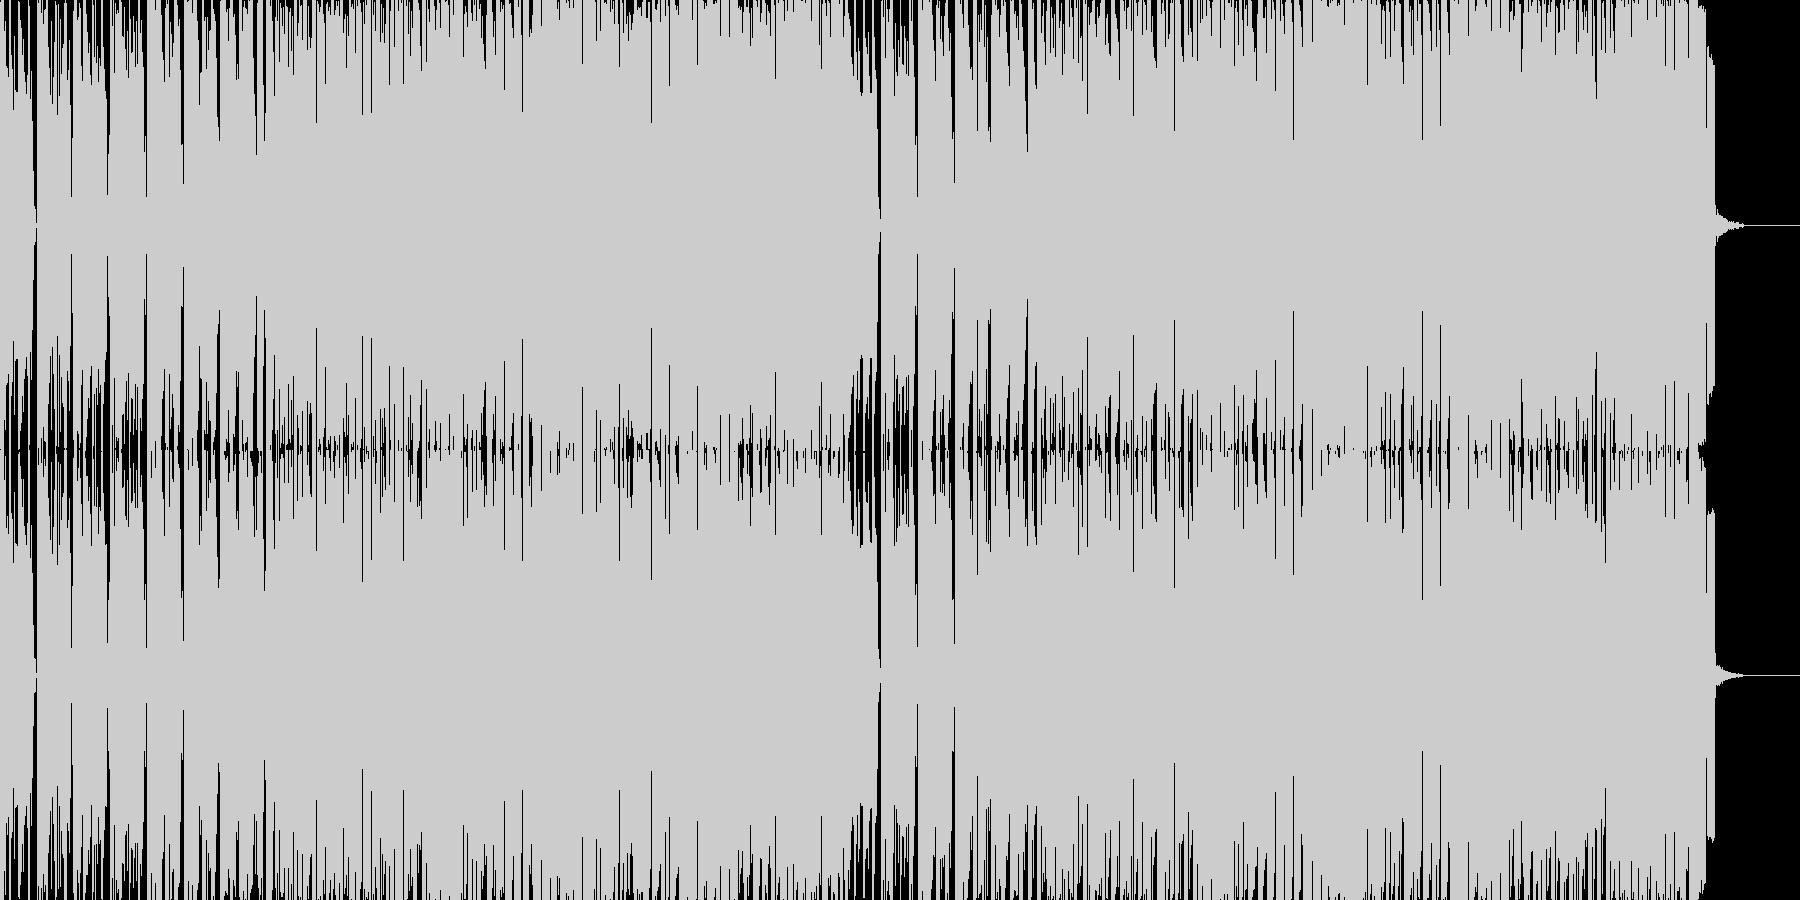 「威風堂々」テクノポップリミックスの未再生の波形